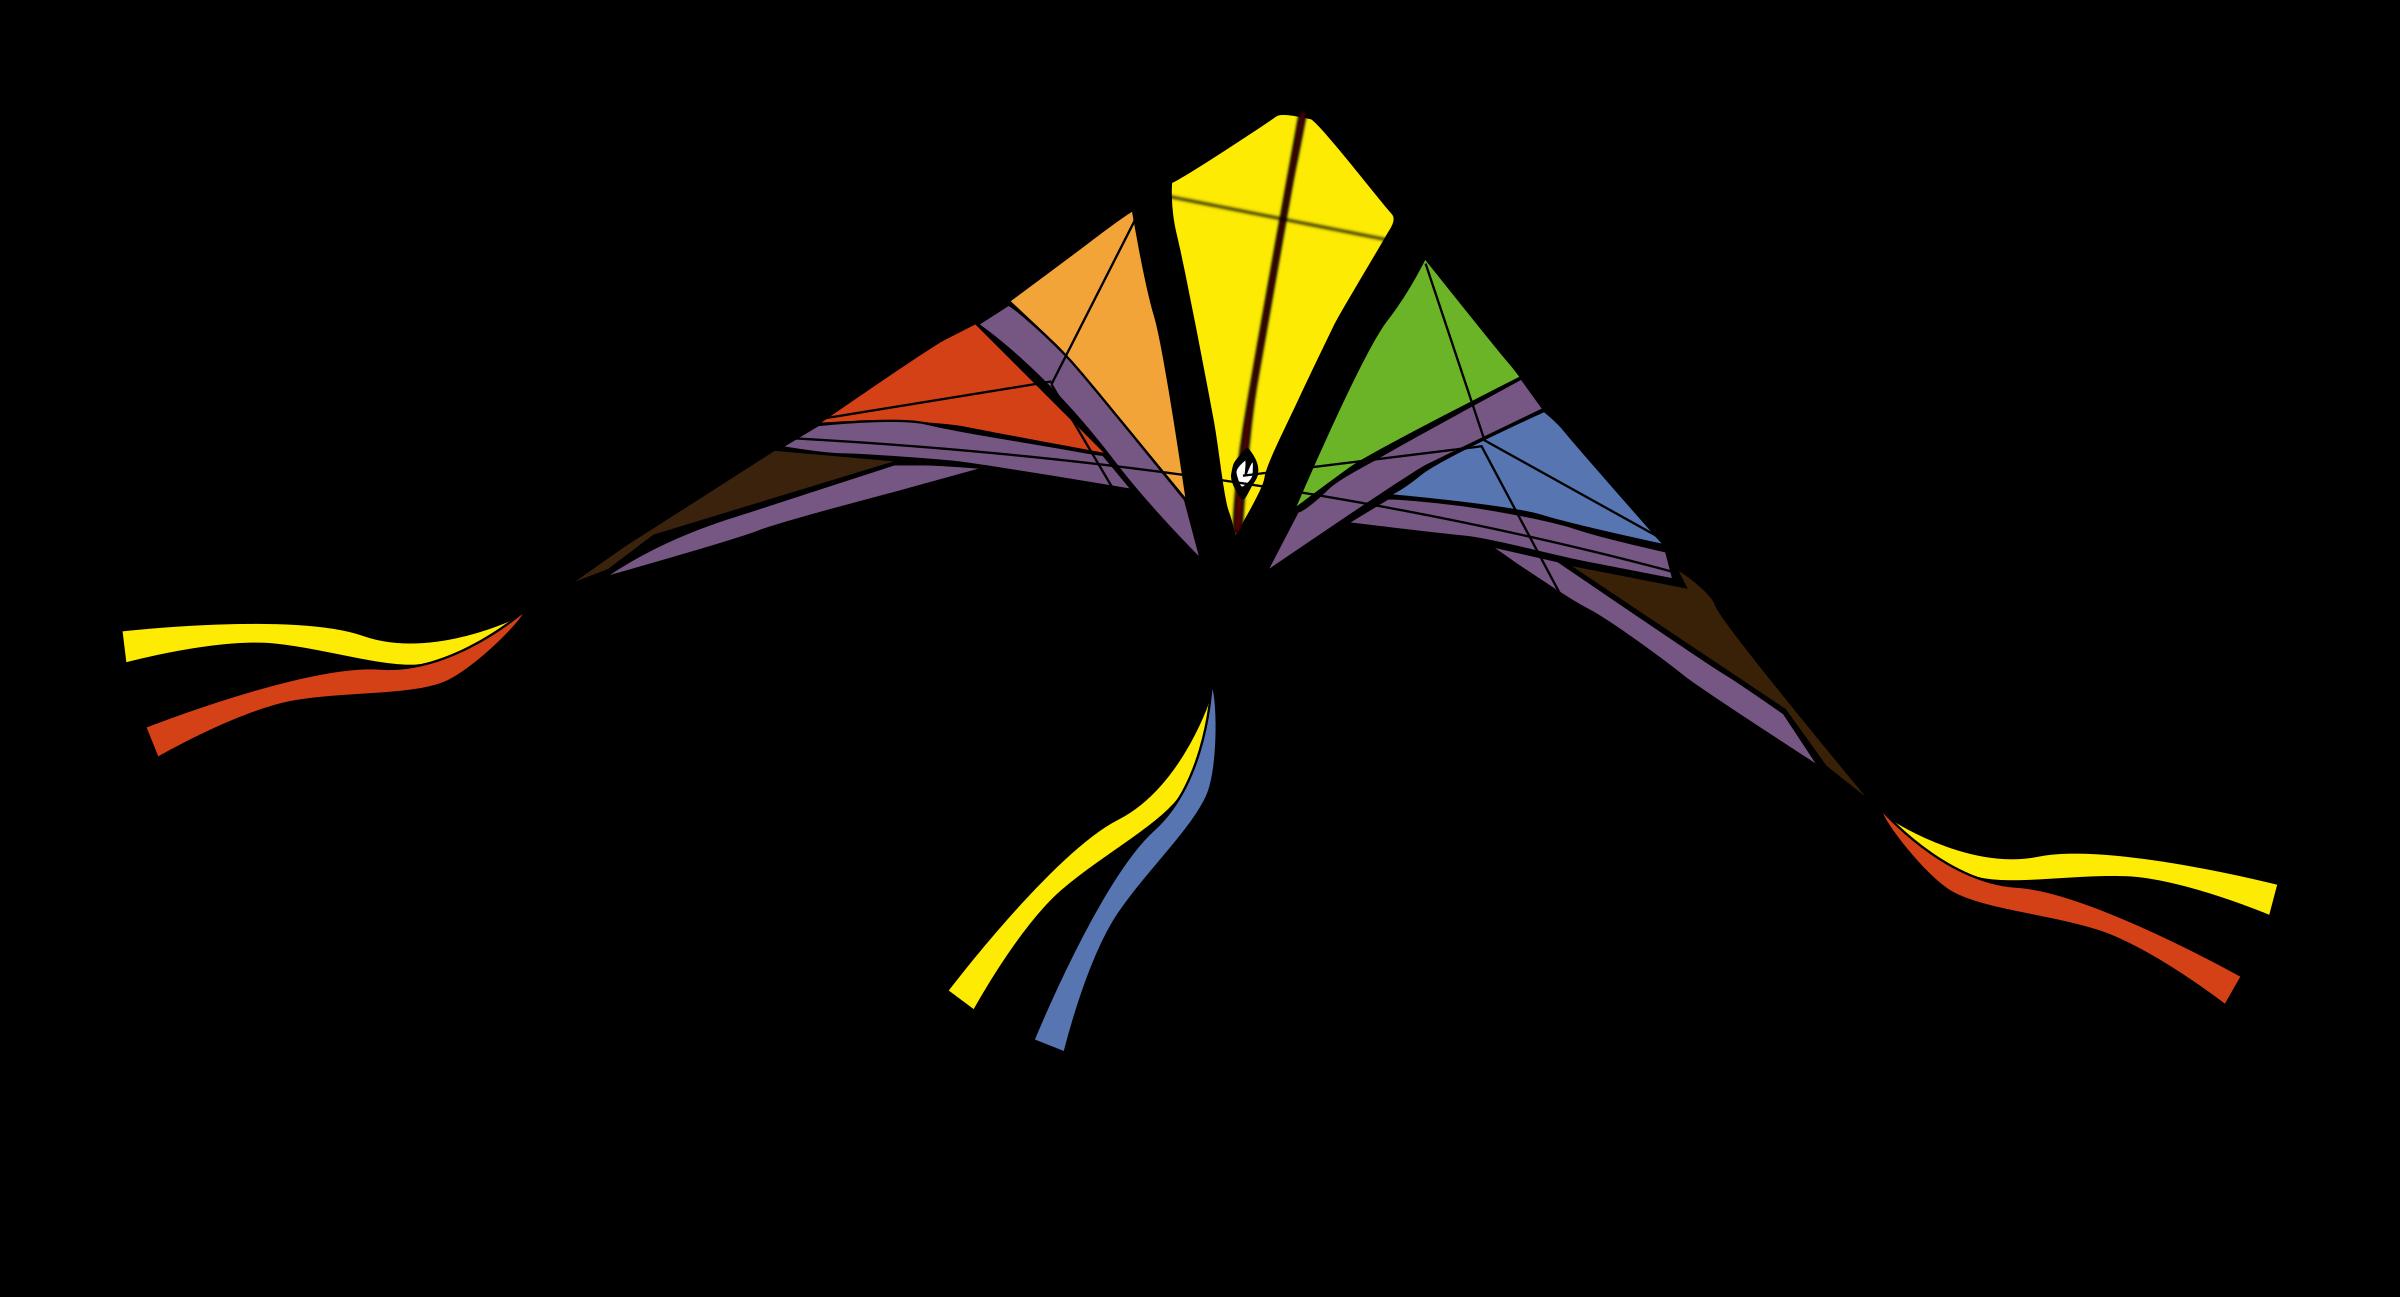 . Clipart kite kite chinese